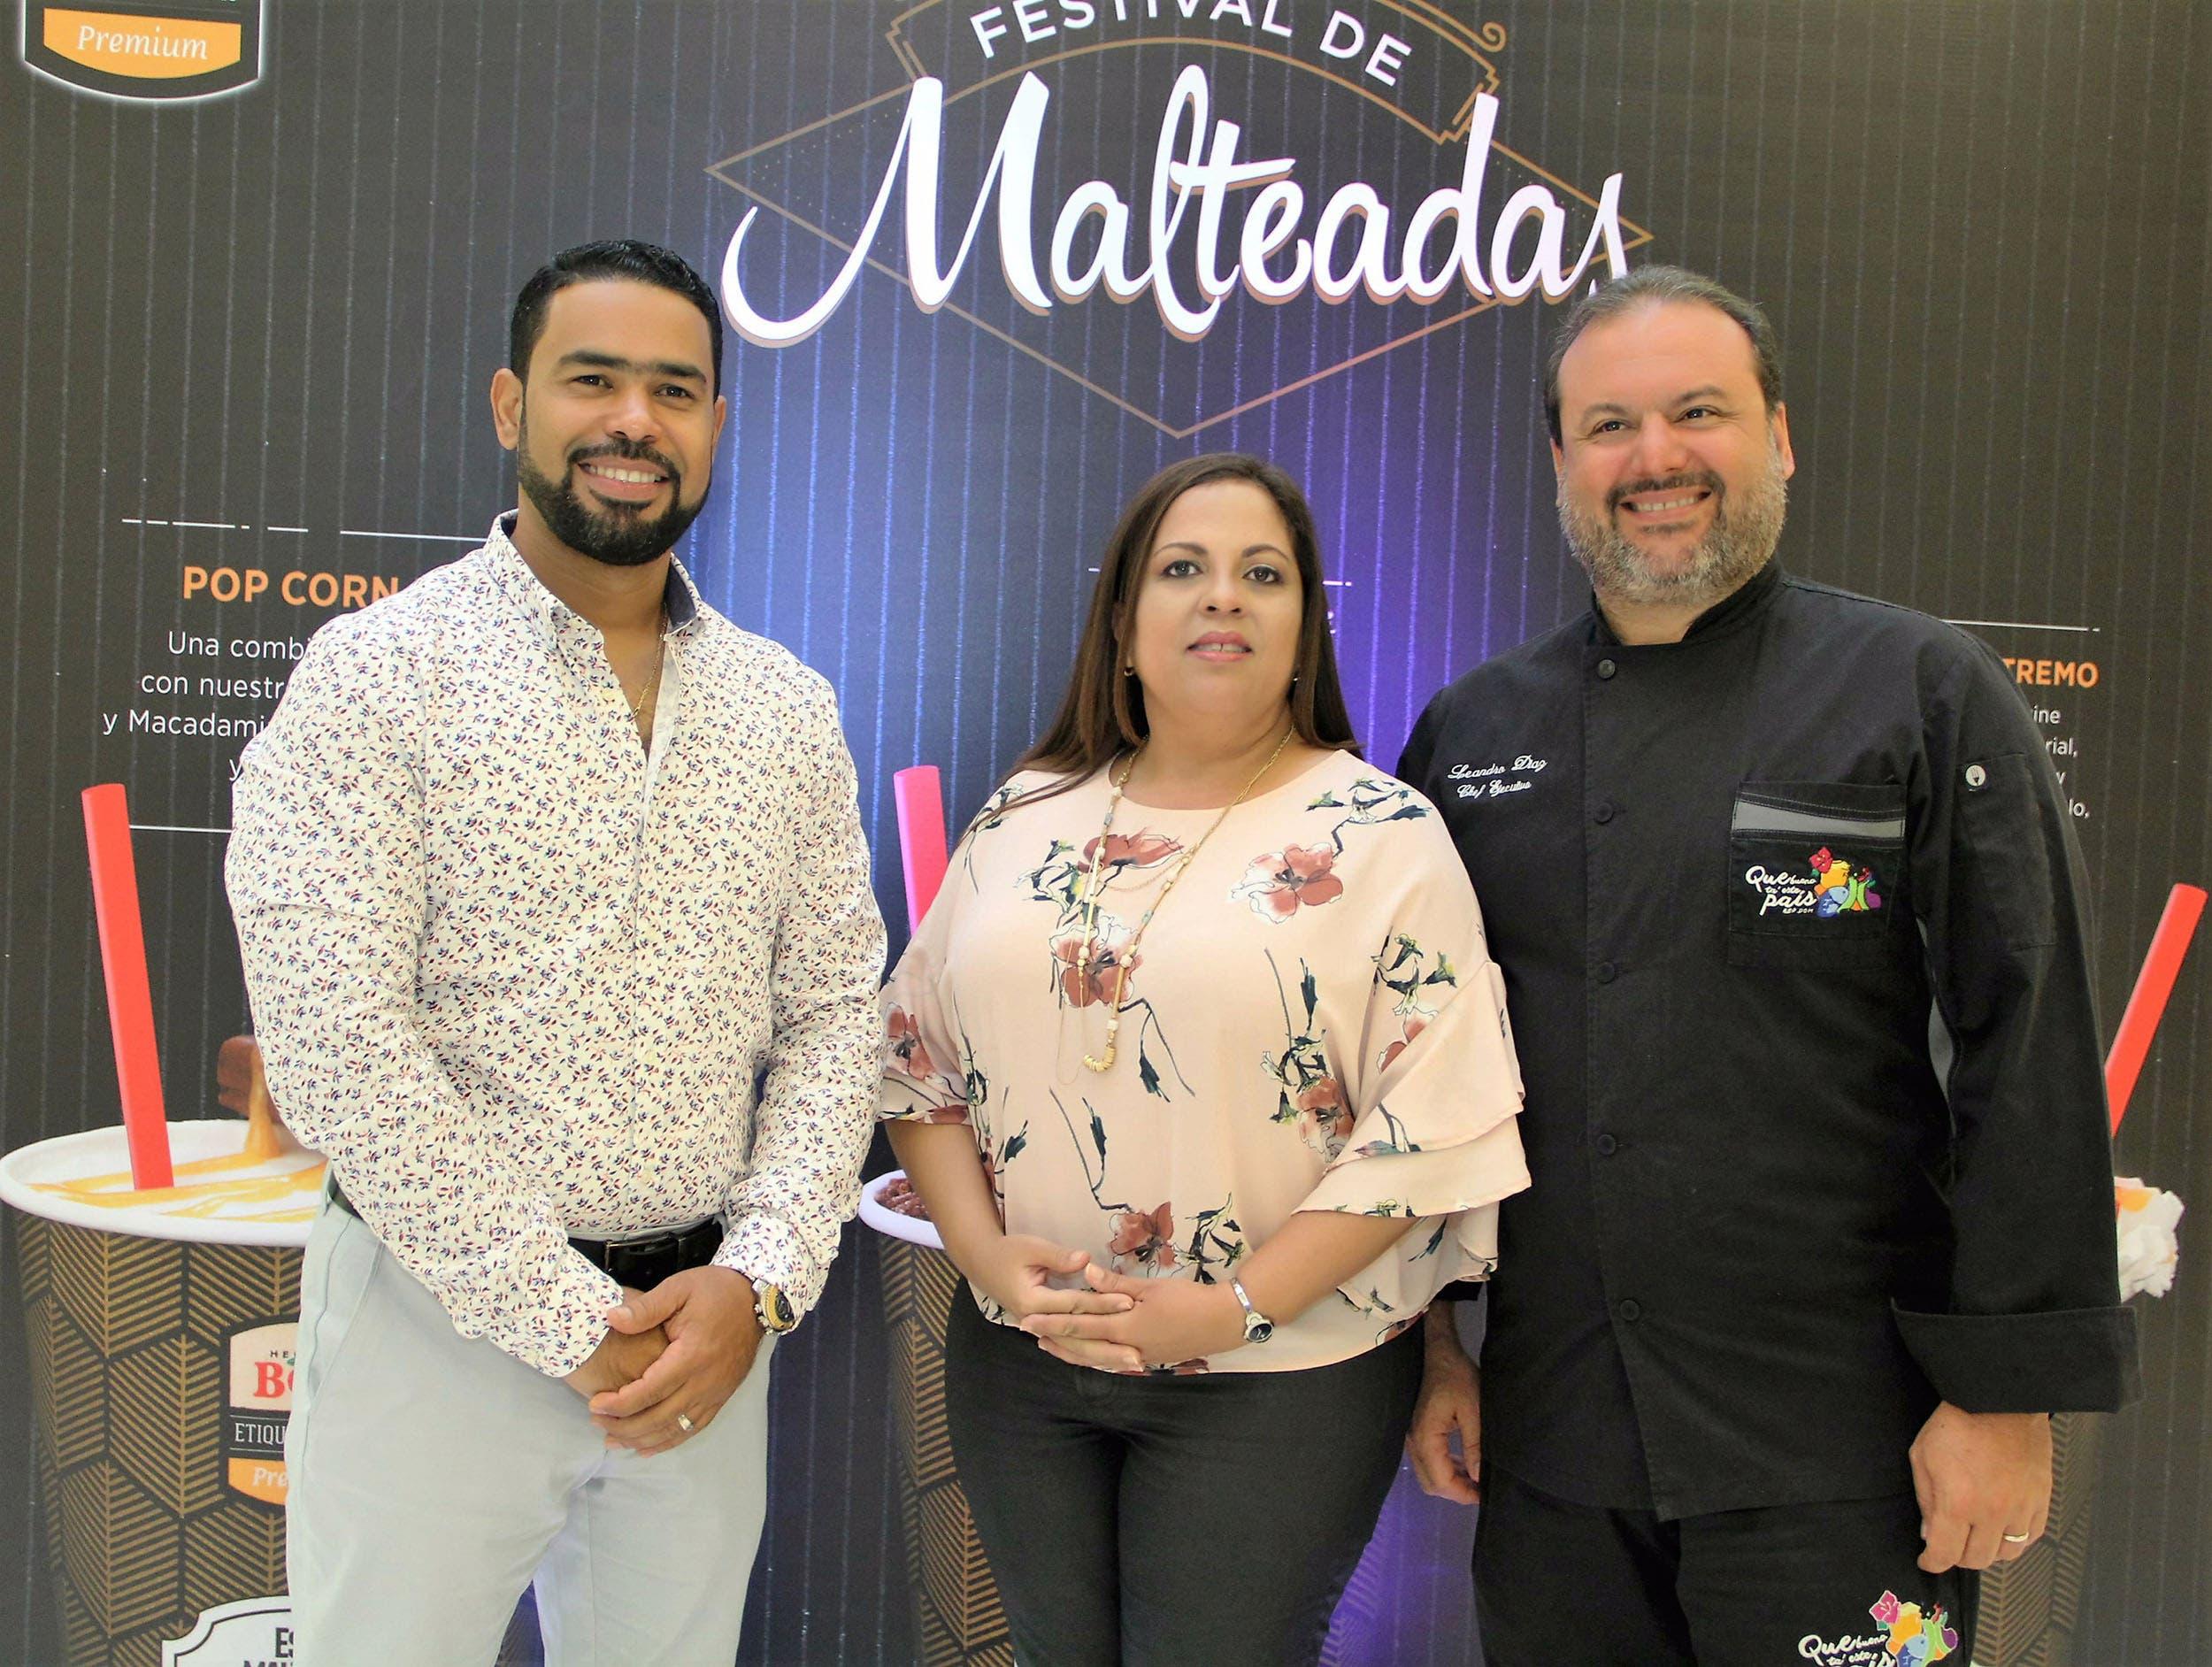 Roberto Caraballo, Carolina Pantaleón y Leandro Díaz.